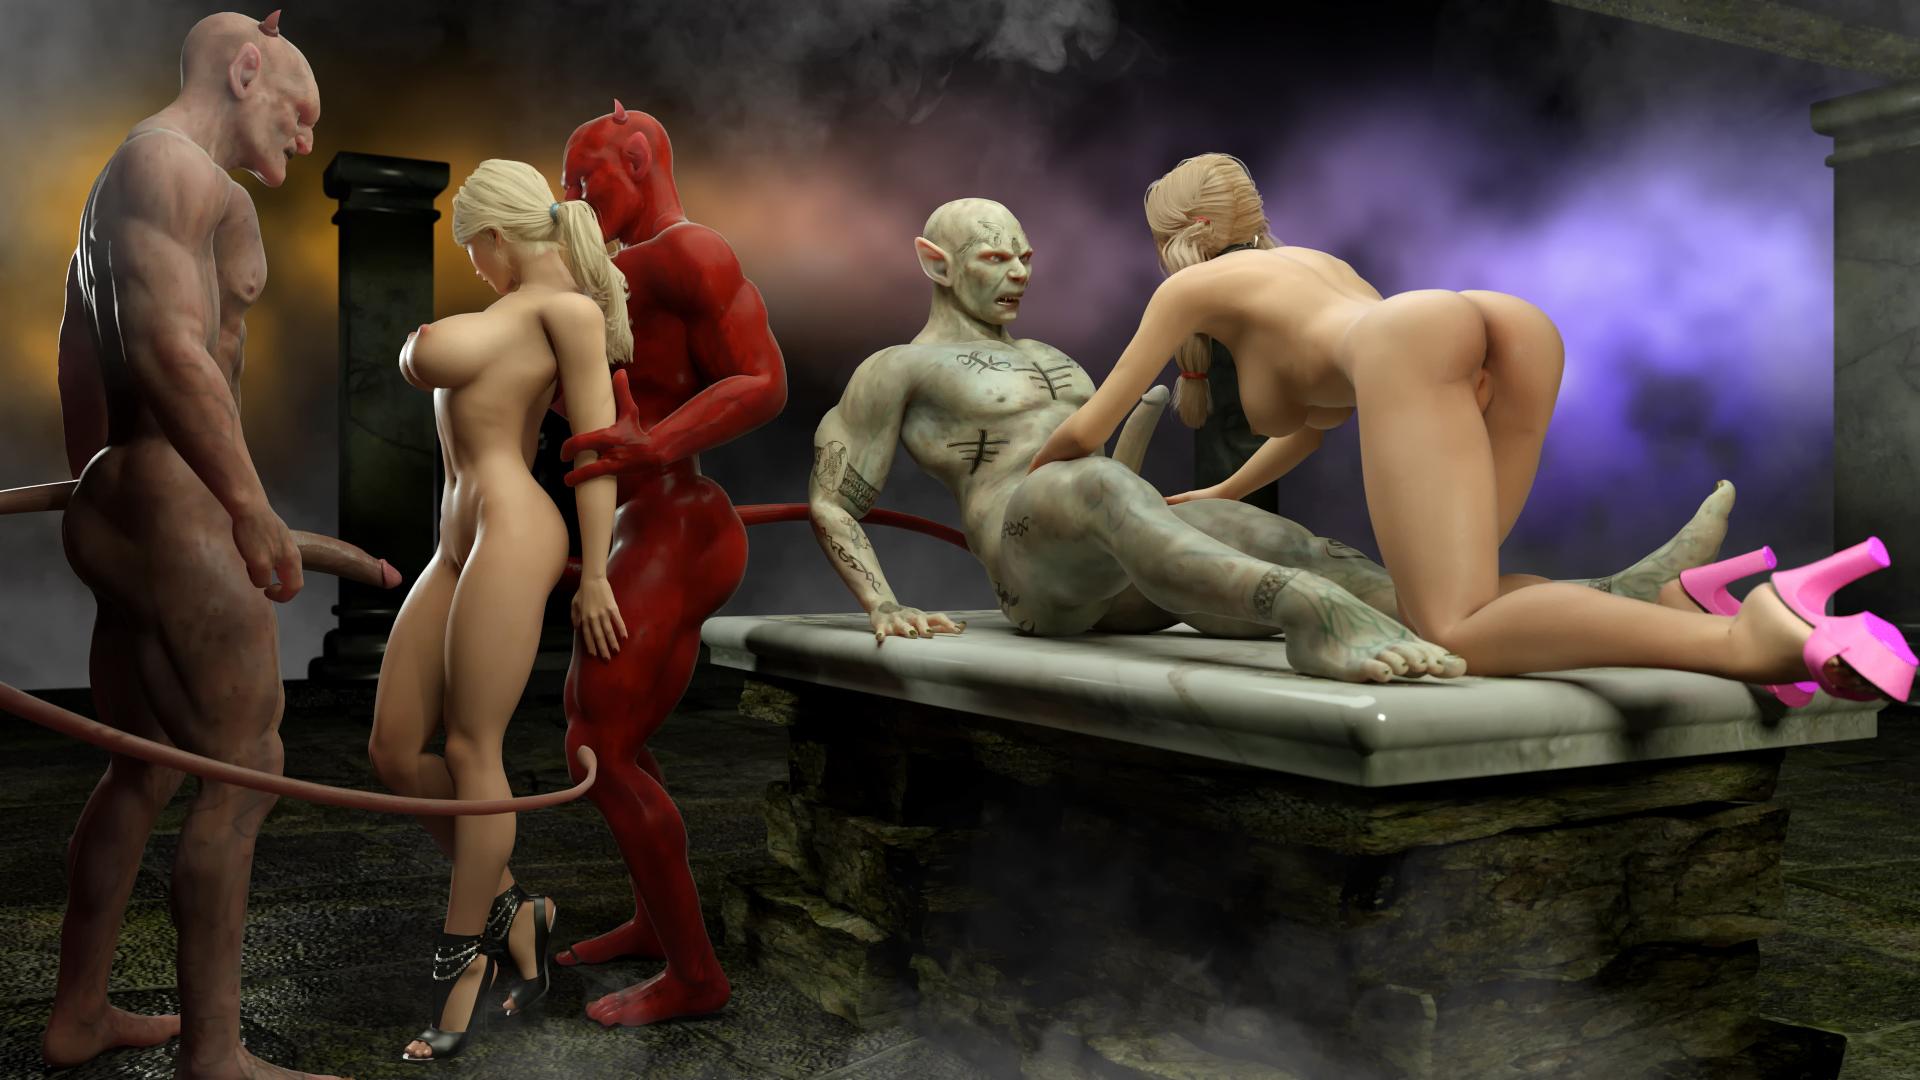 Porno pics demon hardcore scenes